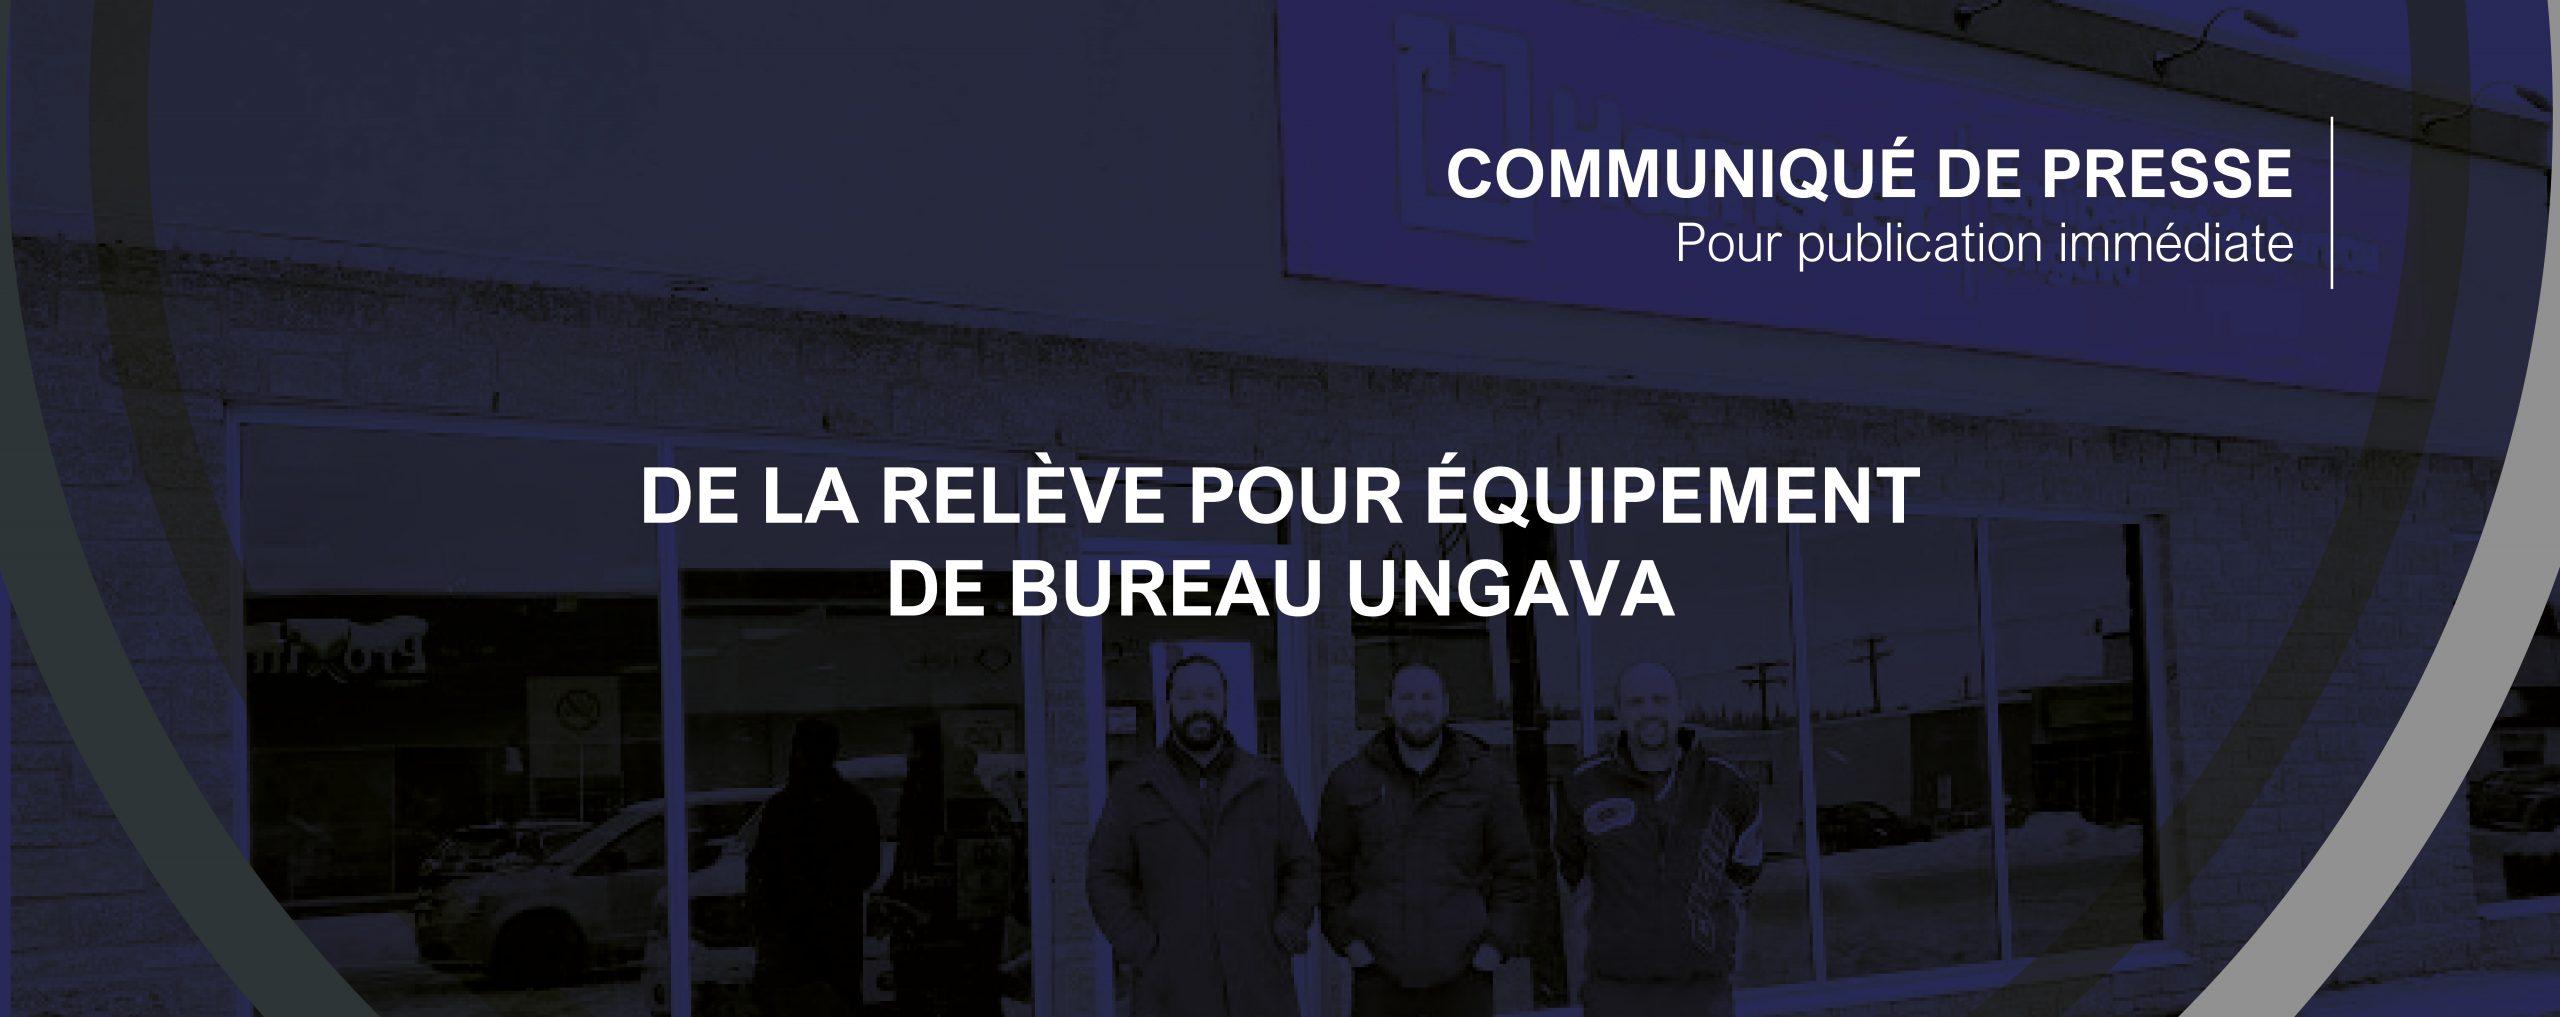 De la relève pour Équipement de bureau Ungava